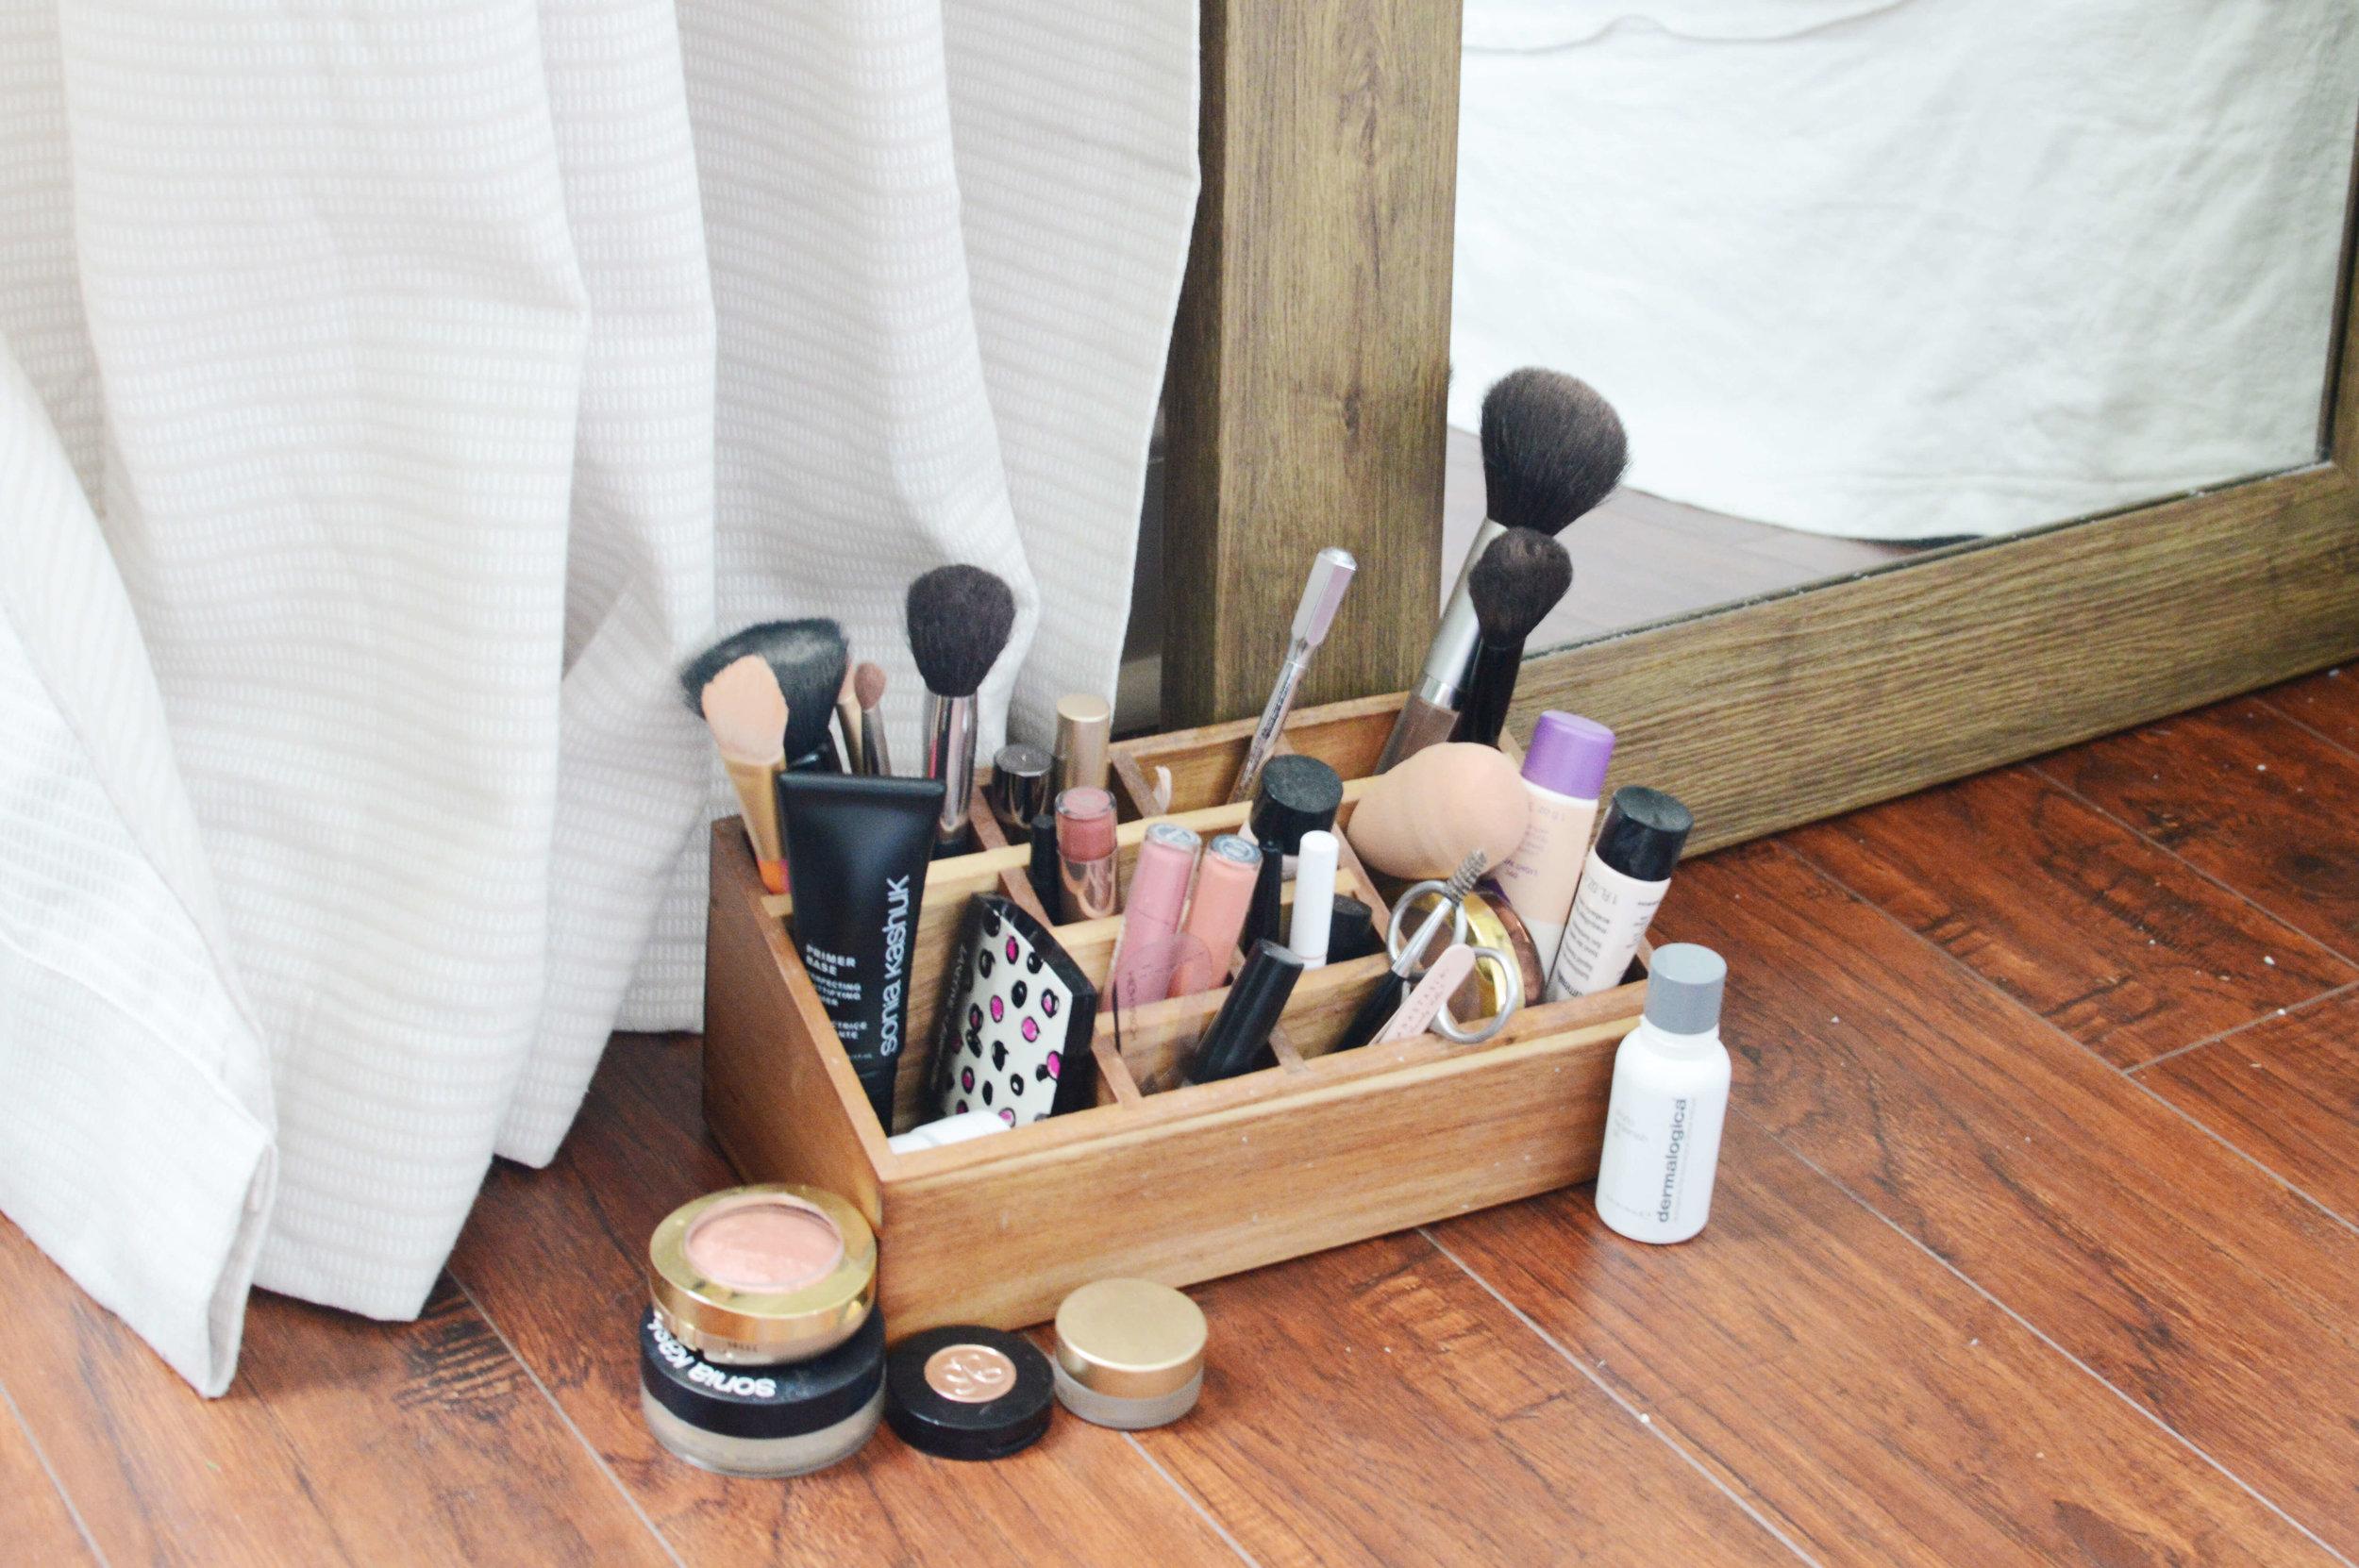 makeup6-1.jpg